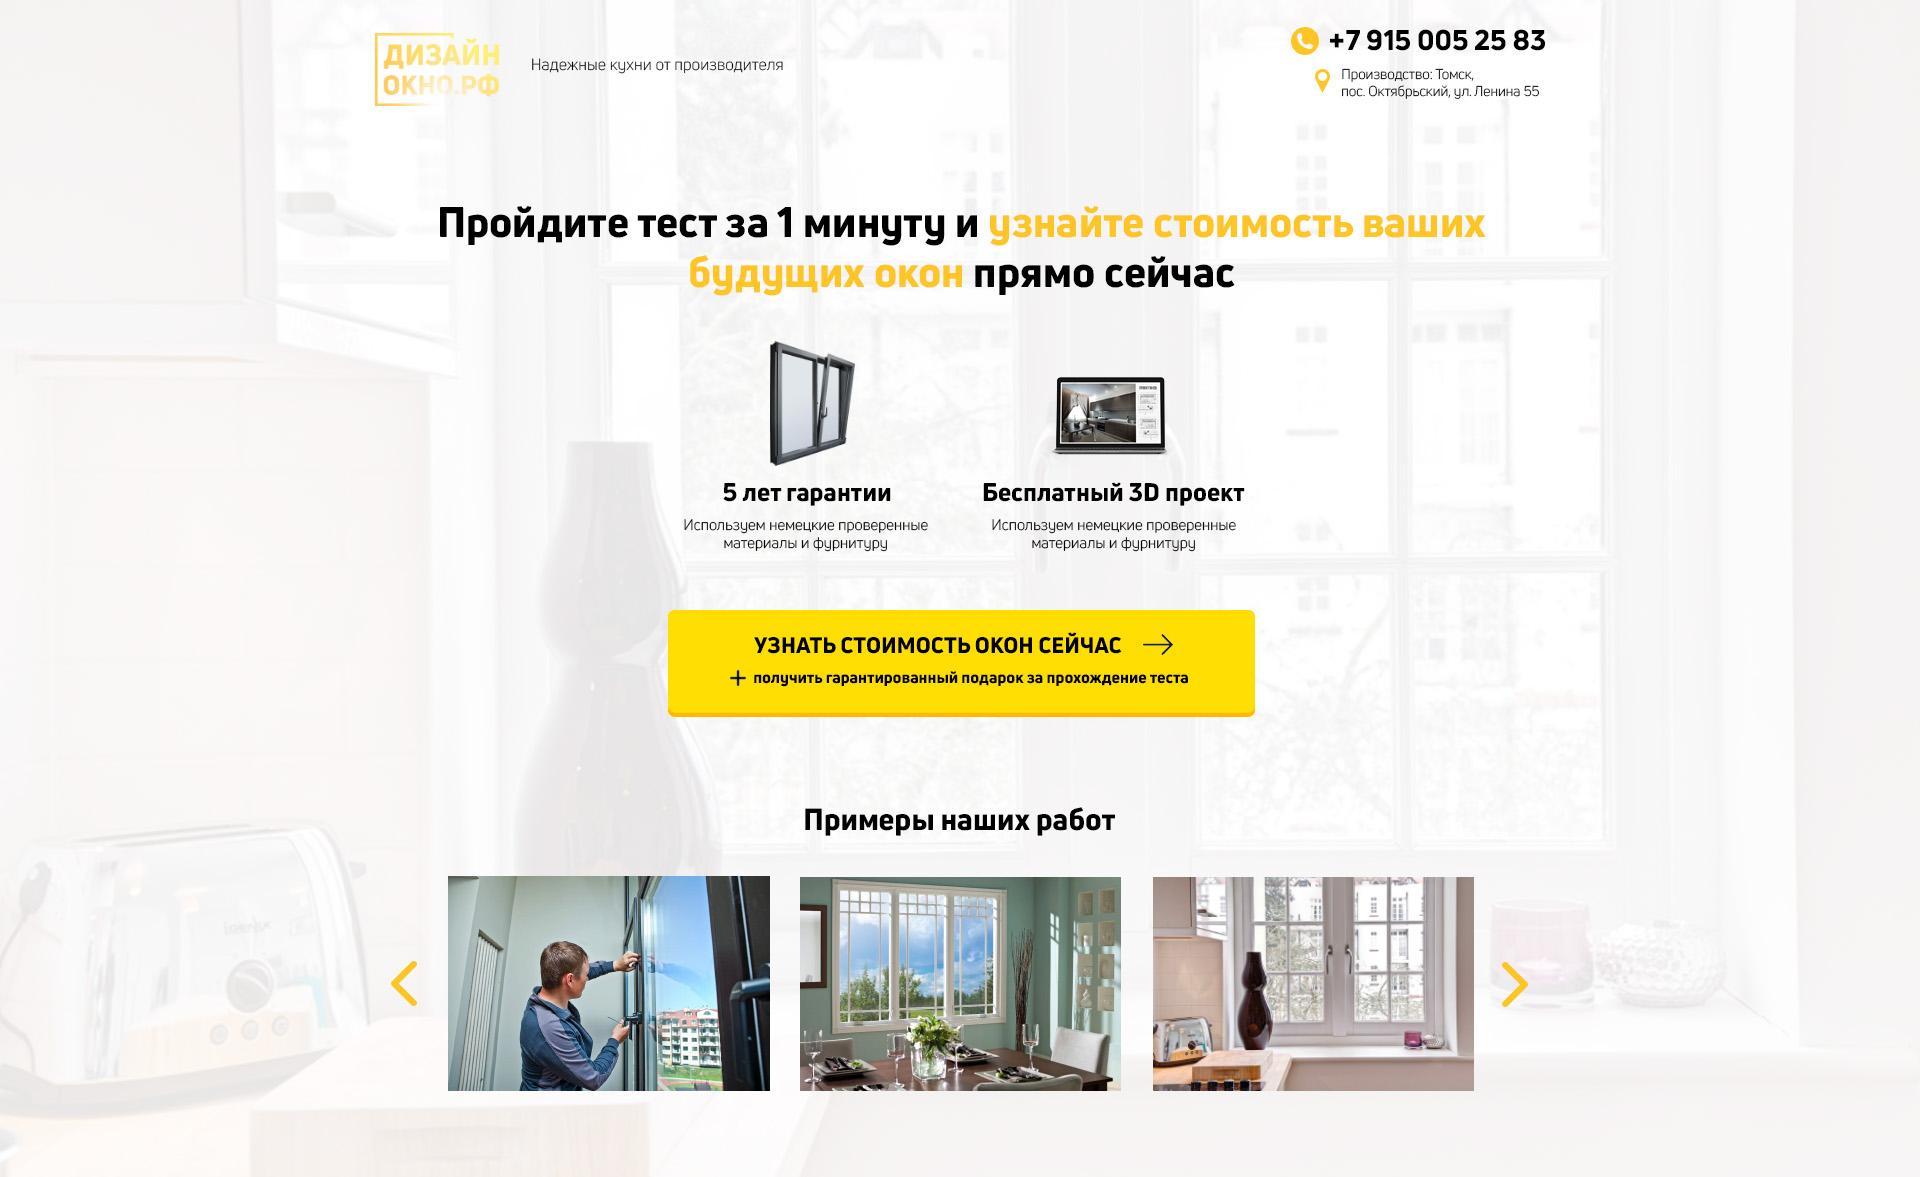 Квиз → Продажа окон в Москве